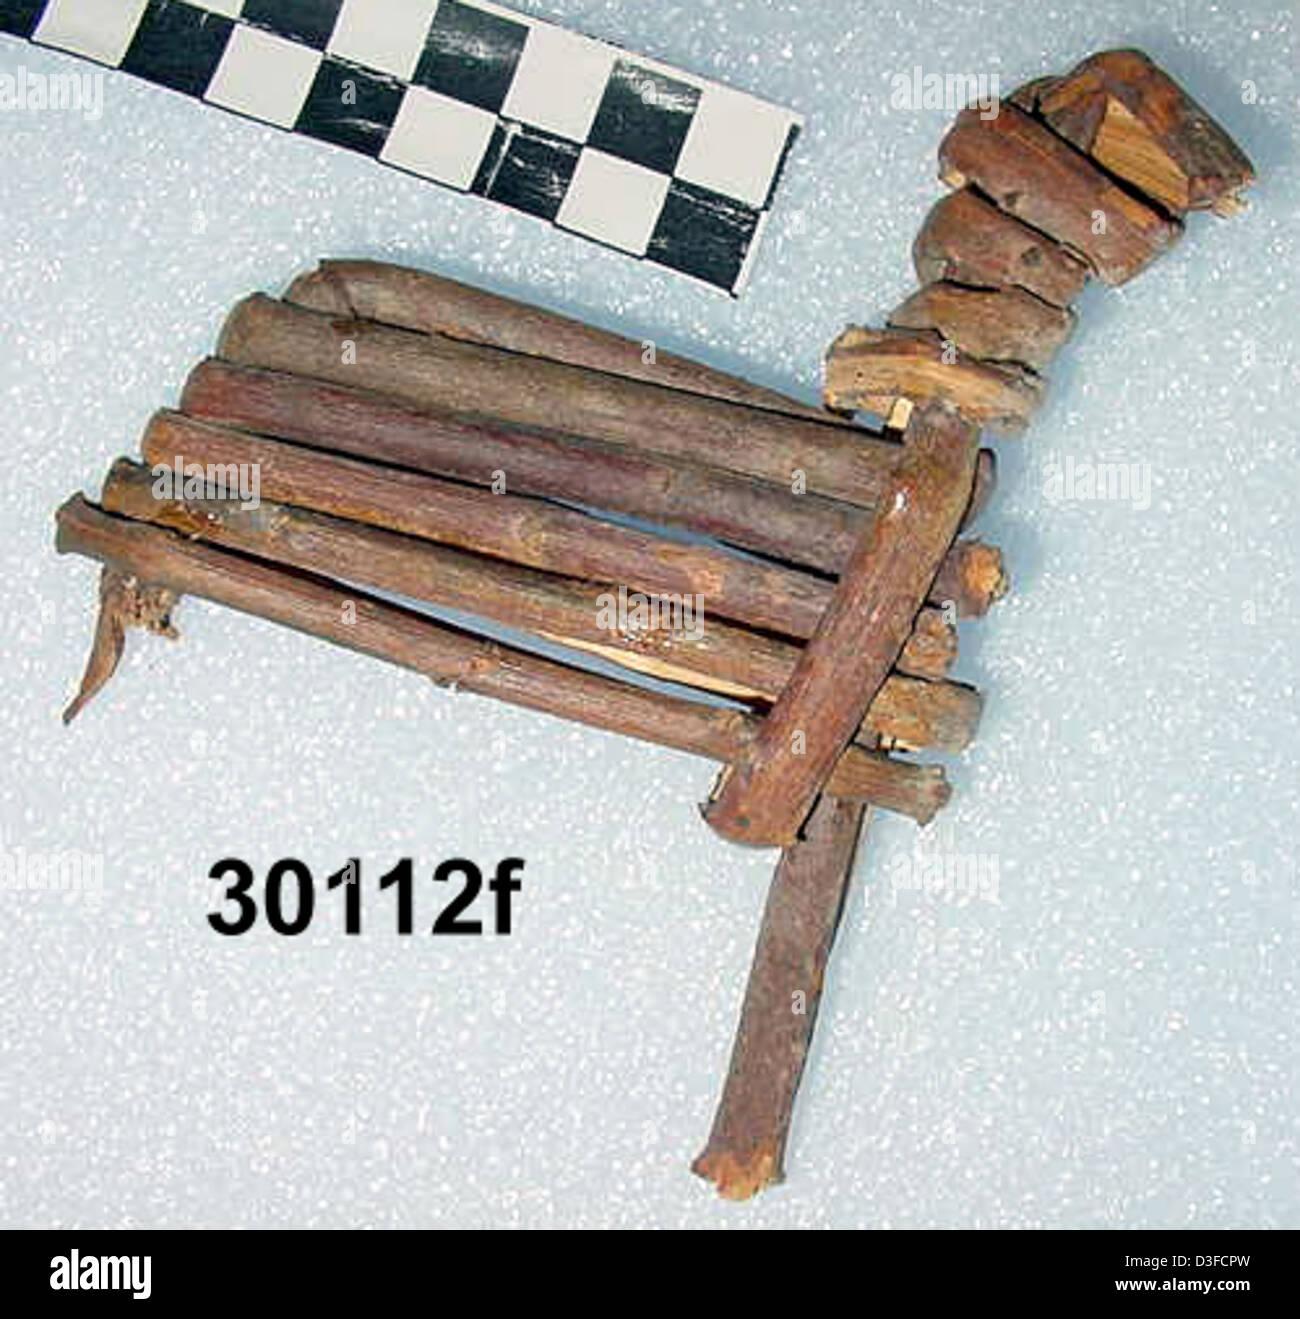 Split-Twig Figurine GRCA_30112f - Stock Image